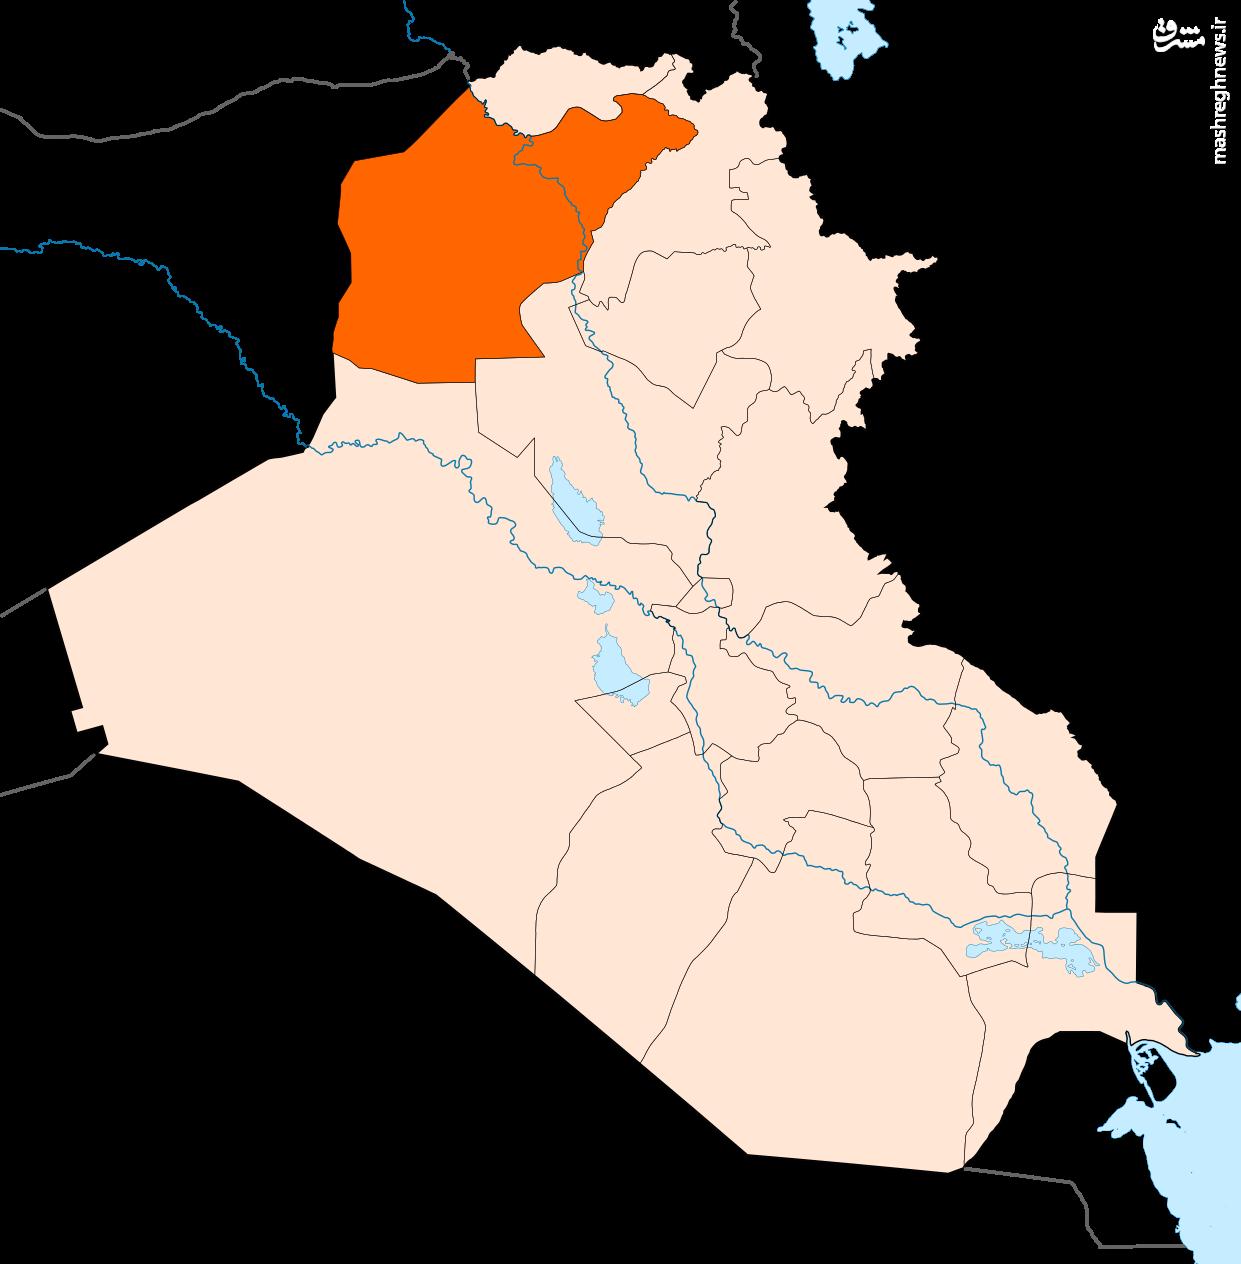 یگان ویژه ارتش عراق از محور شرقی وارد موصل شود/ ادامه عملیات موصل با میانگین آزادی روزانه 9 منطقه/ نیمی از شرق موصل از دست داعش خارج شده + عکس و نقشه و فیلم /آماده انتشار/آقای غلامی